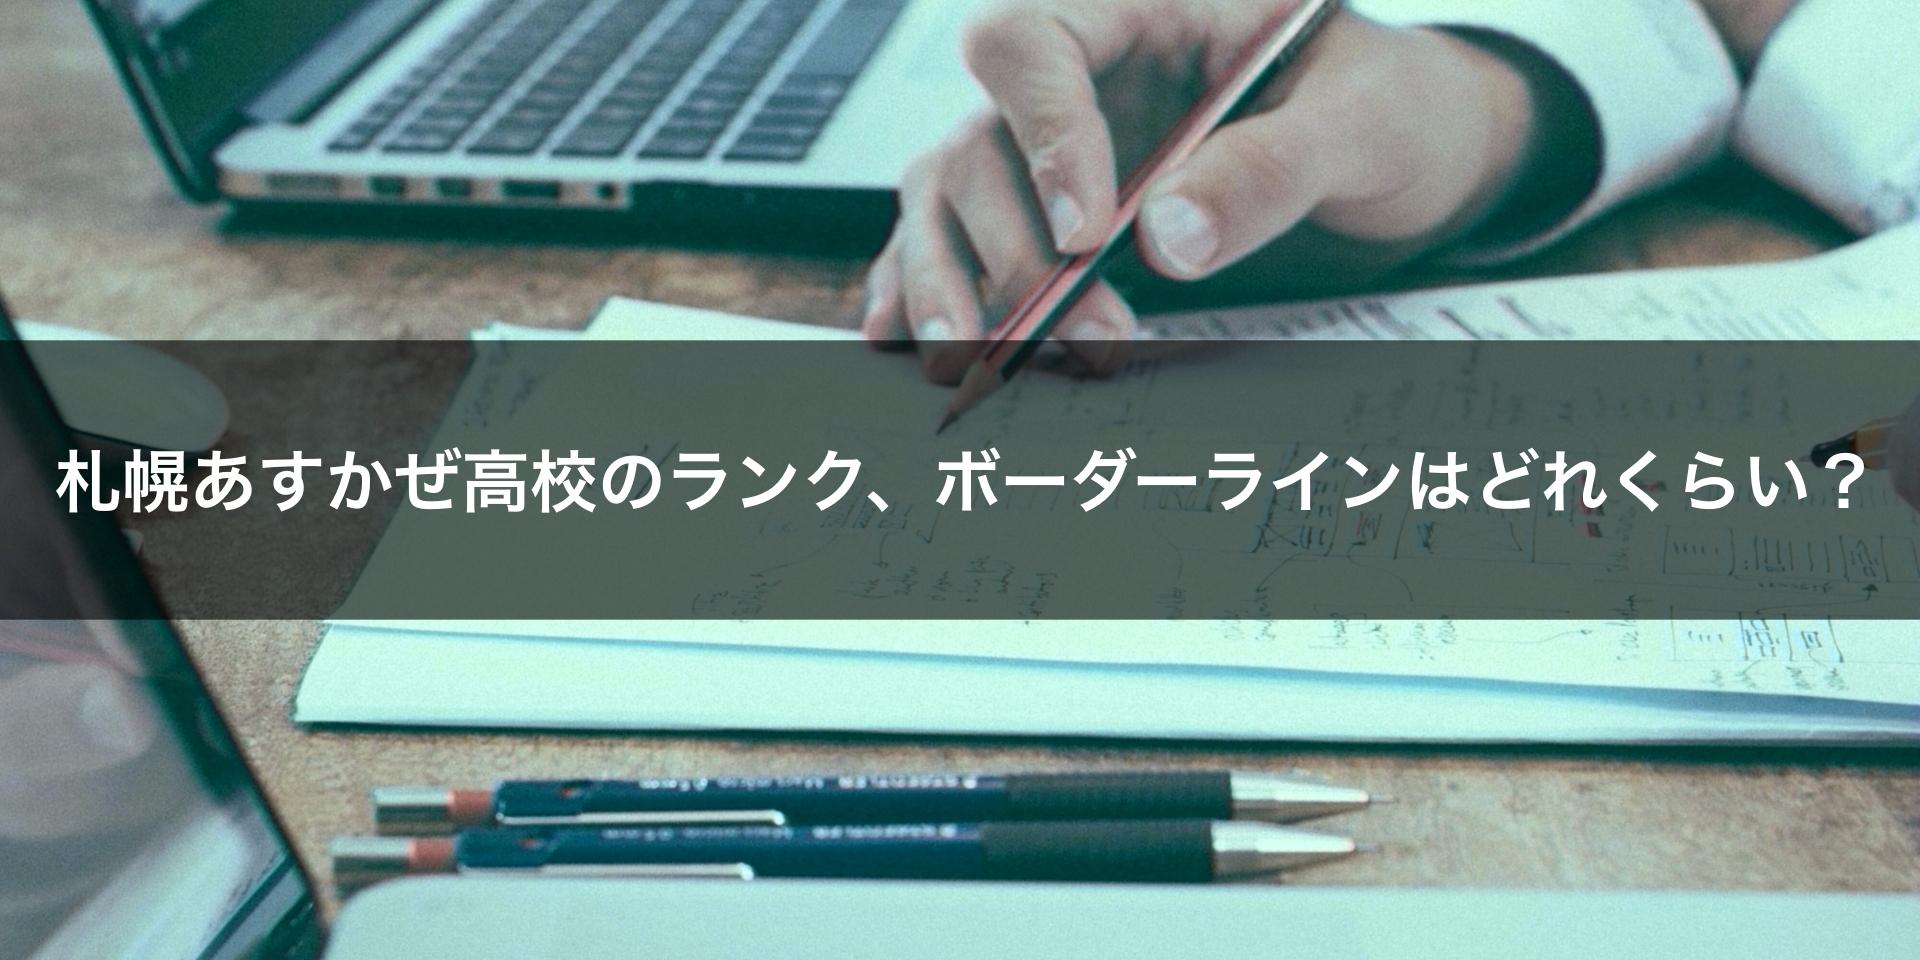 札幌あすかぜ高校のランク、ボーダーラインはどれくらい?